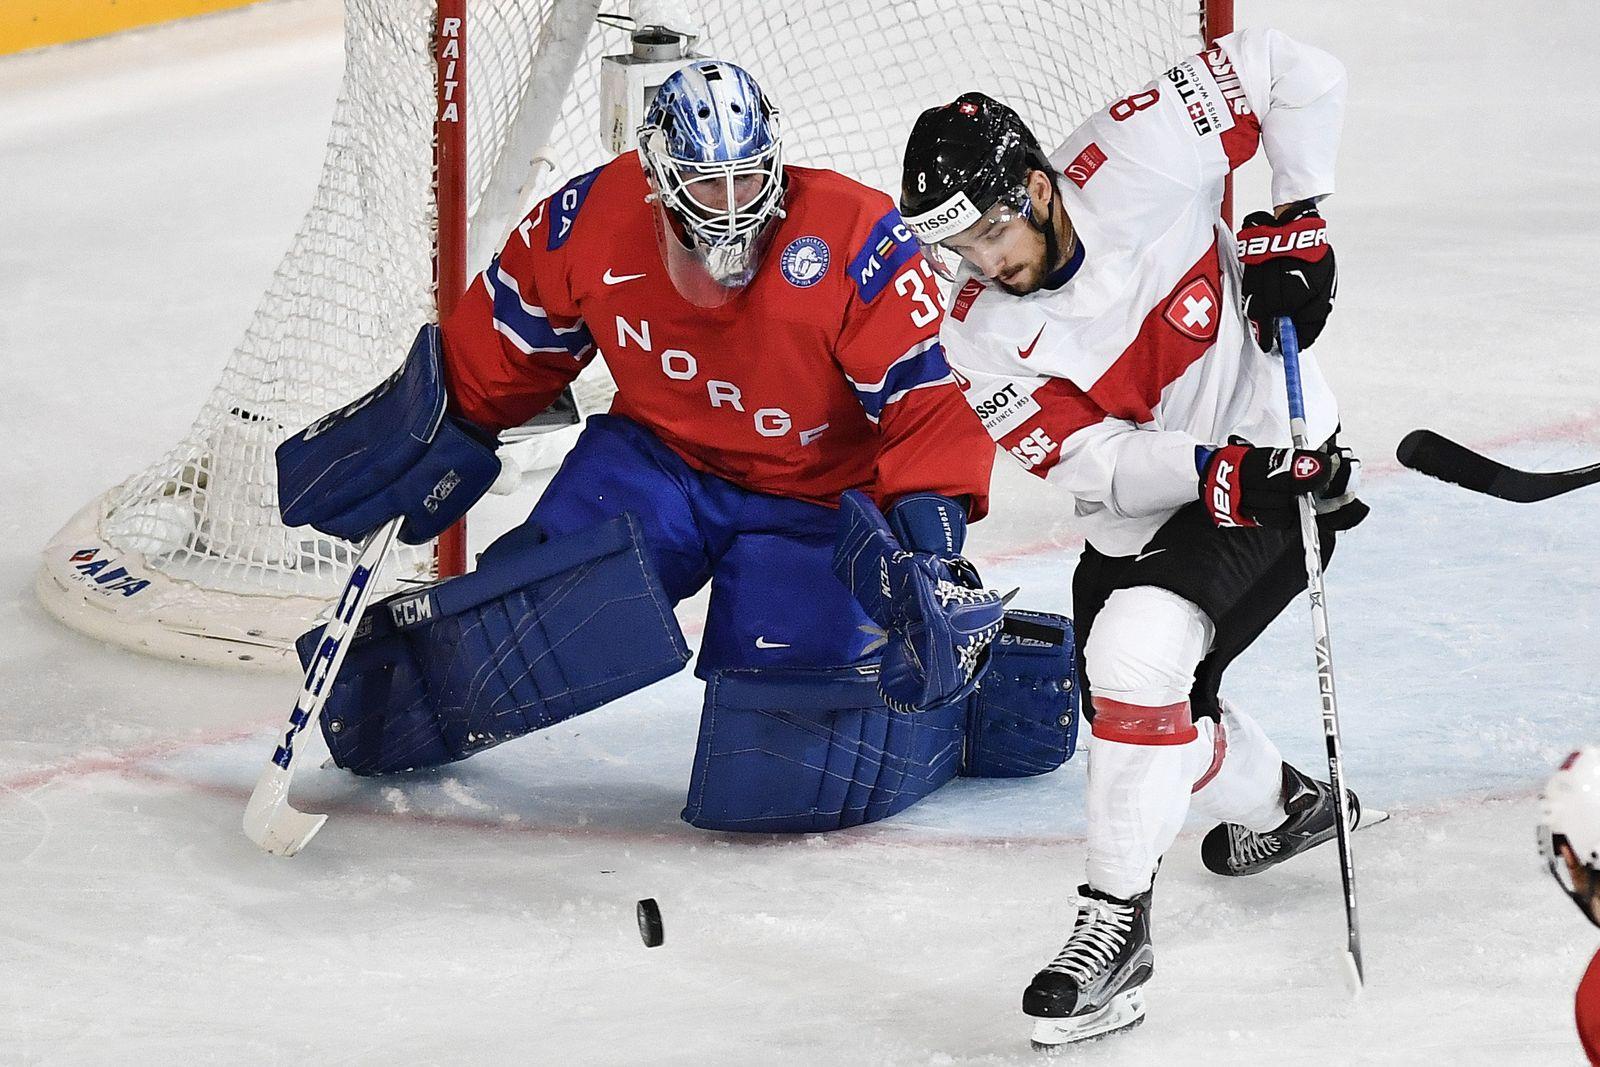 Eishockey-WM Norwegen - Schweiz